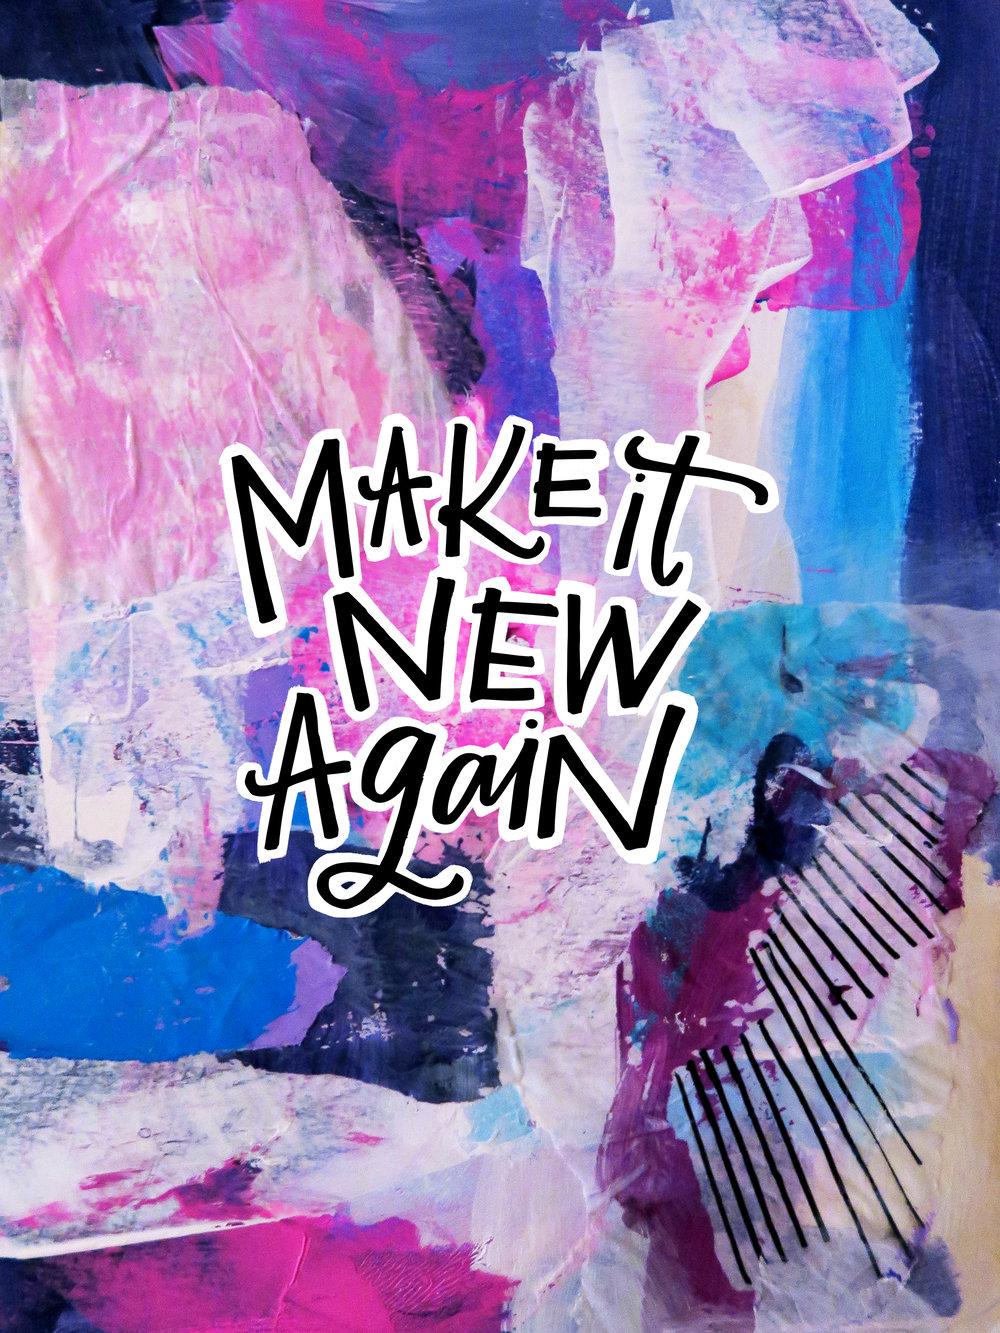 8/8/16: New